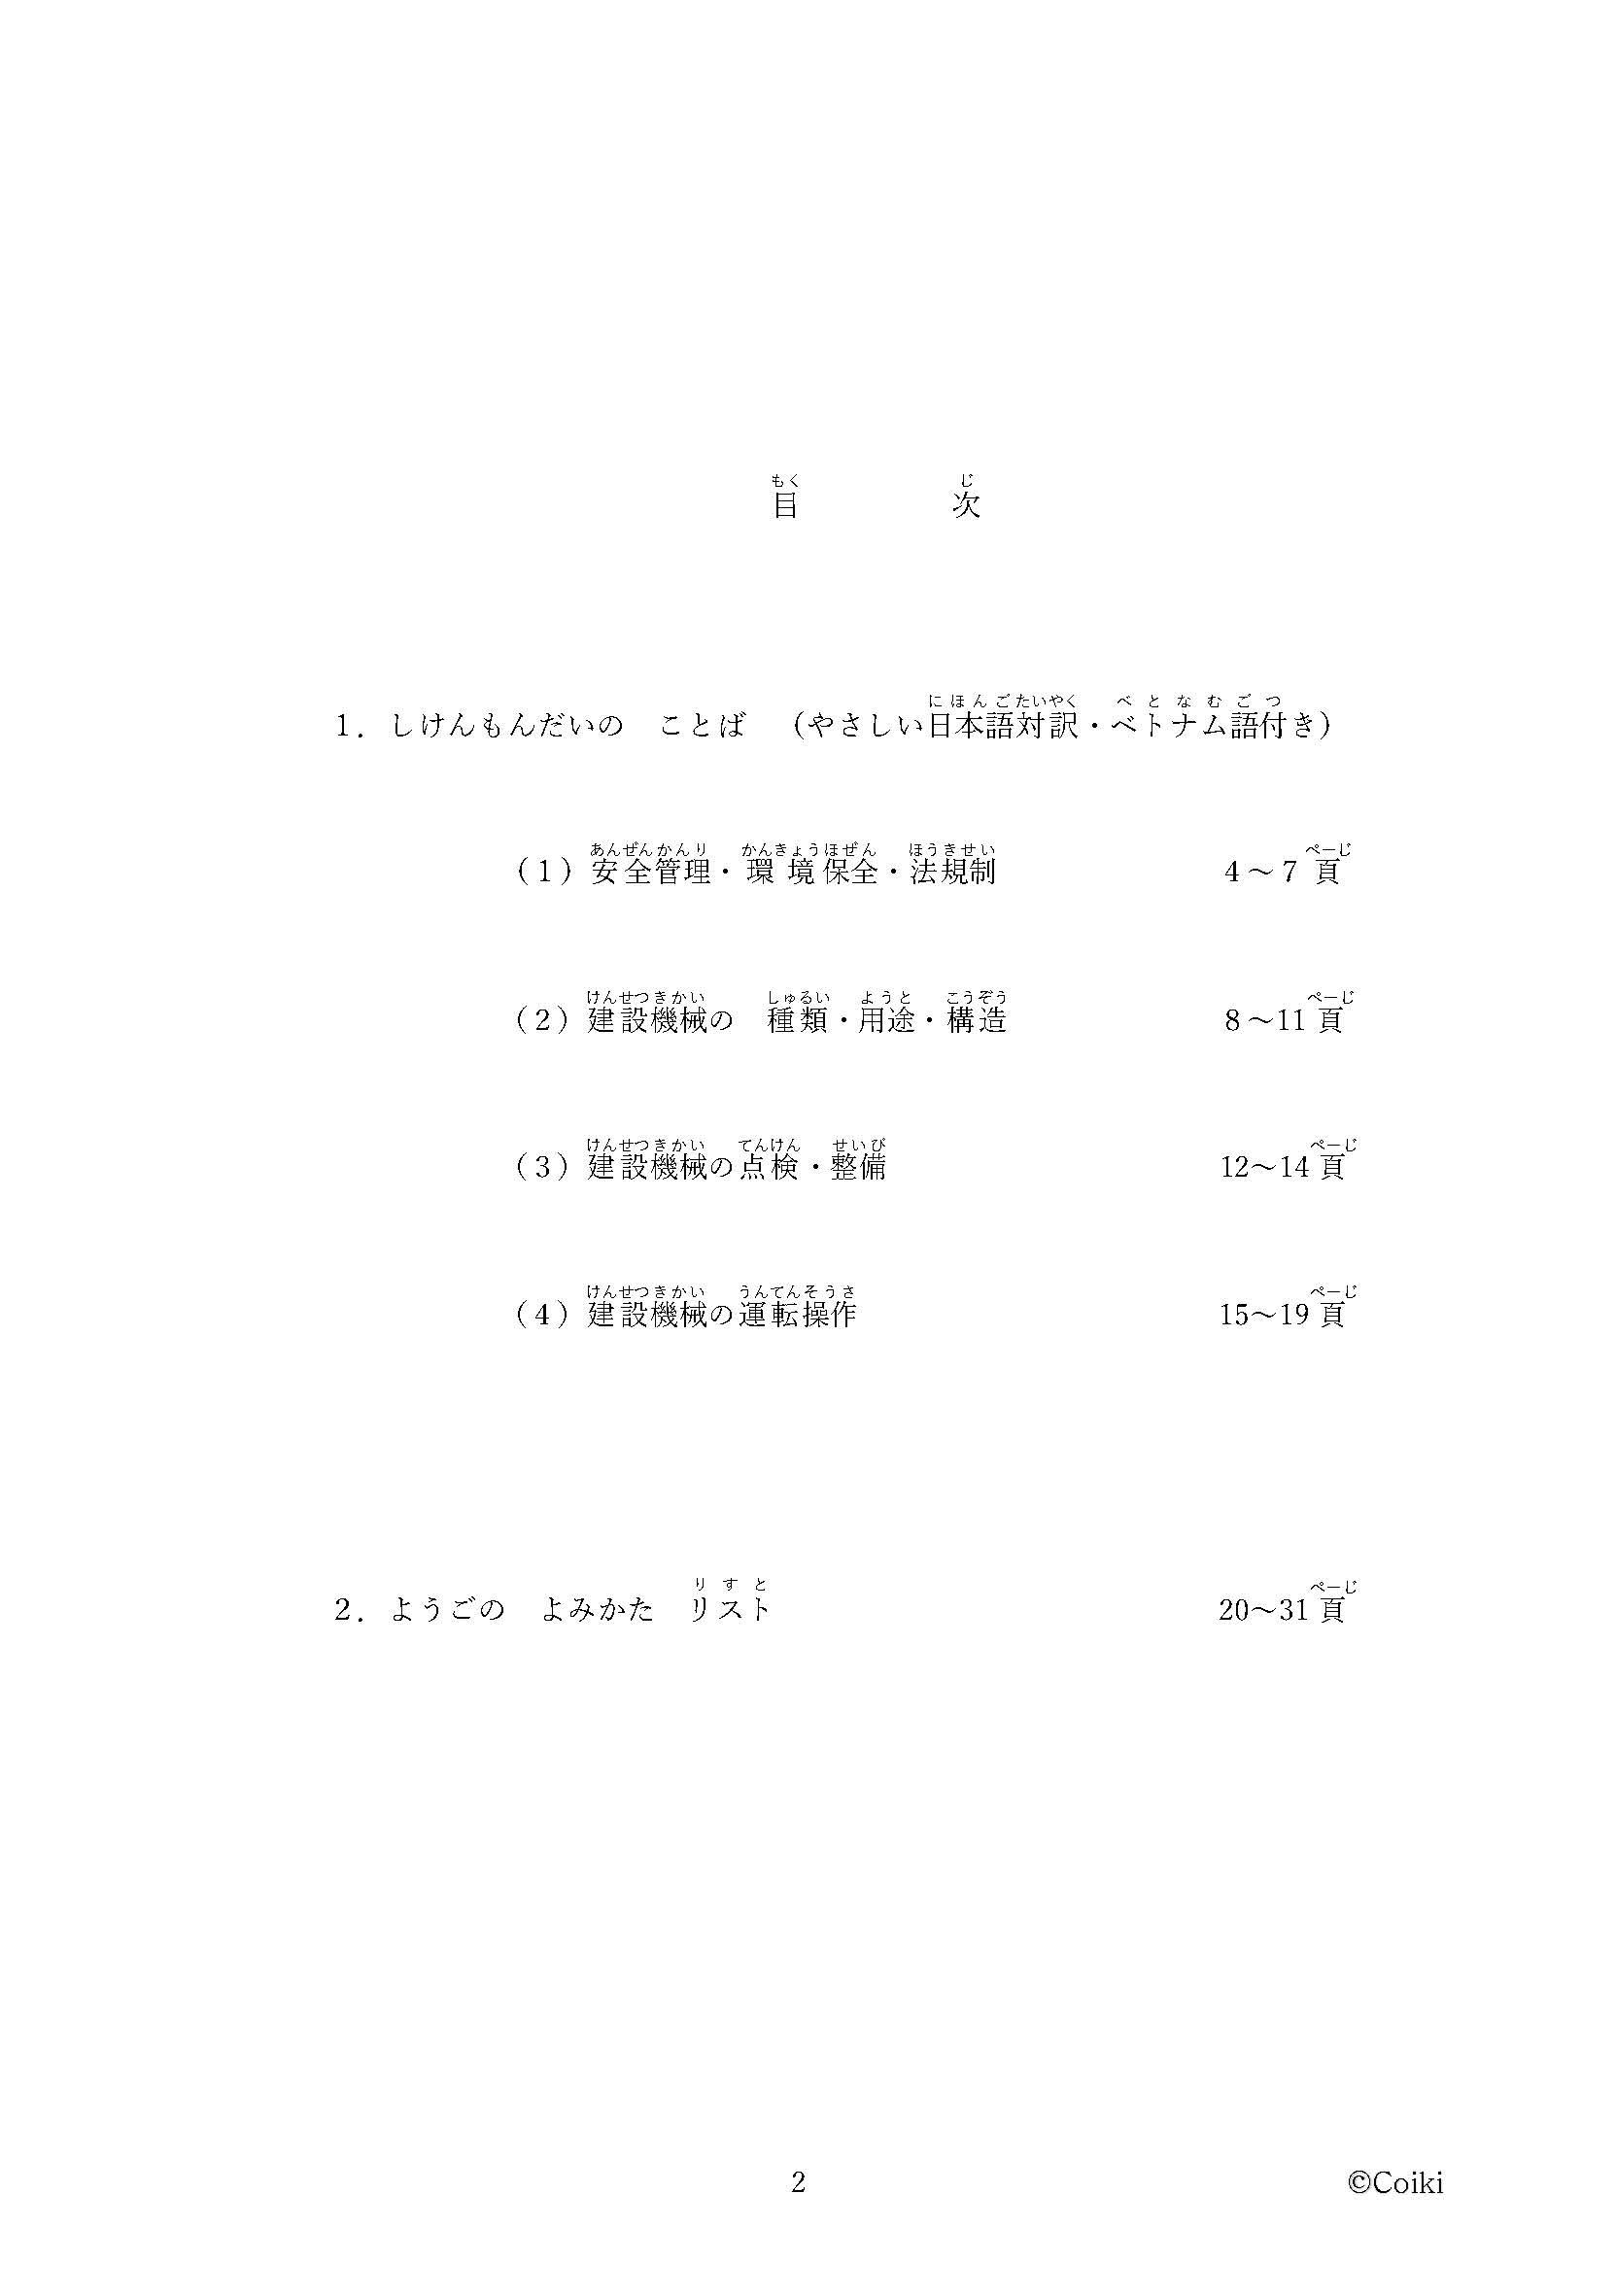 オリジナルテキストサンプル_p2